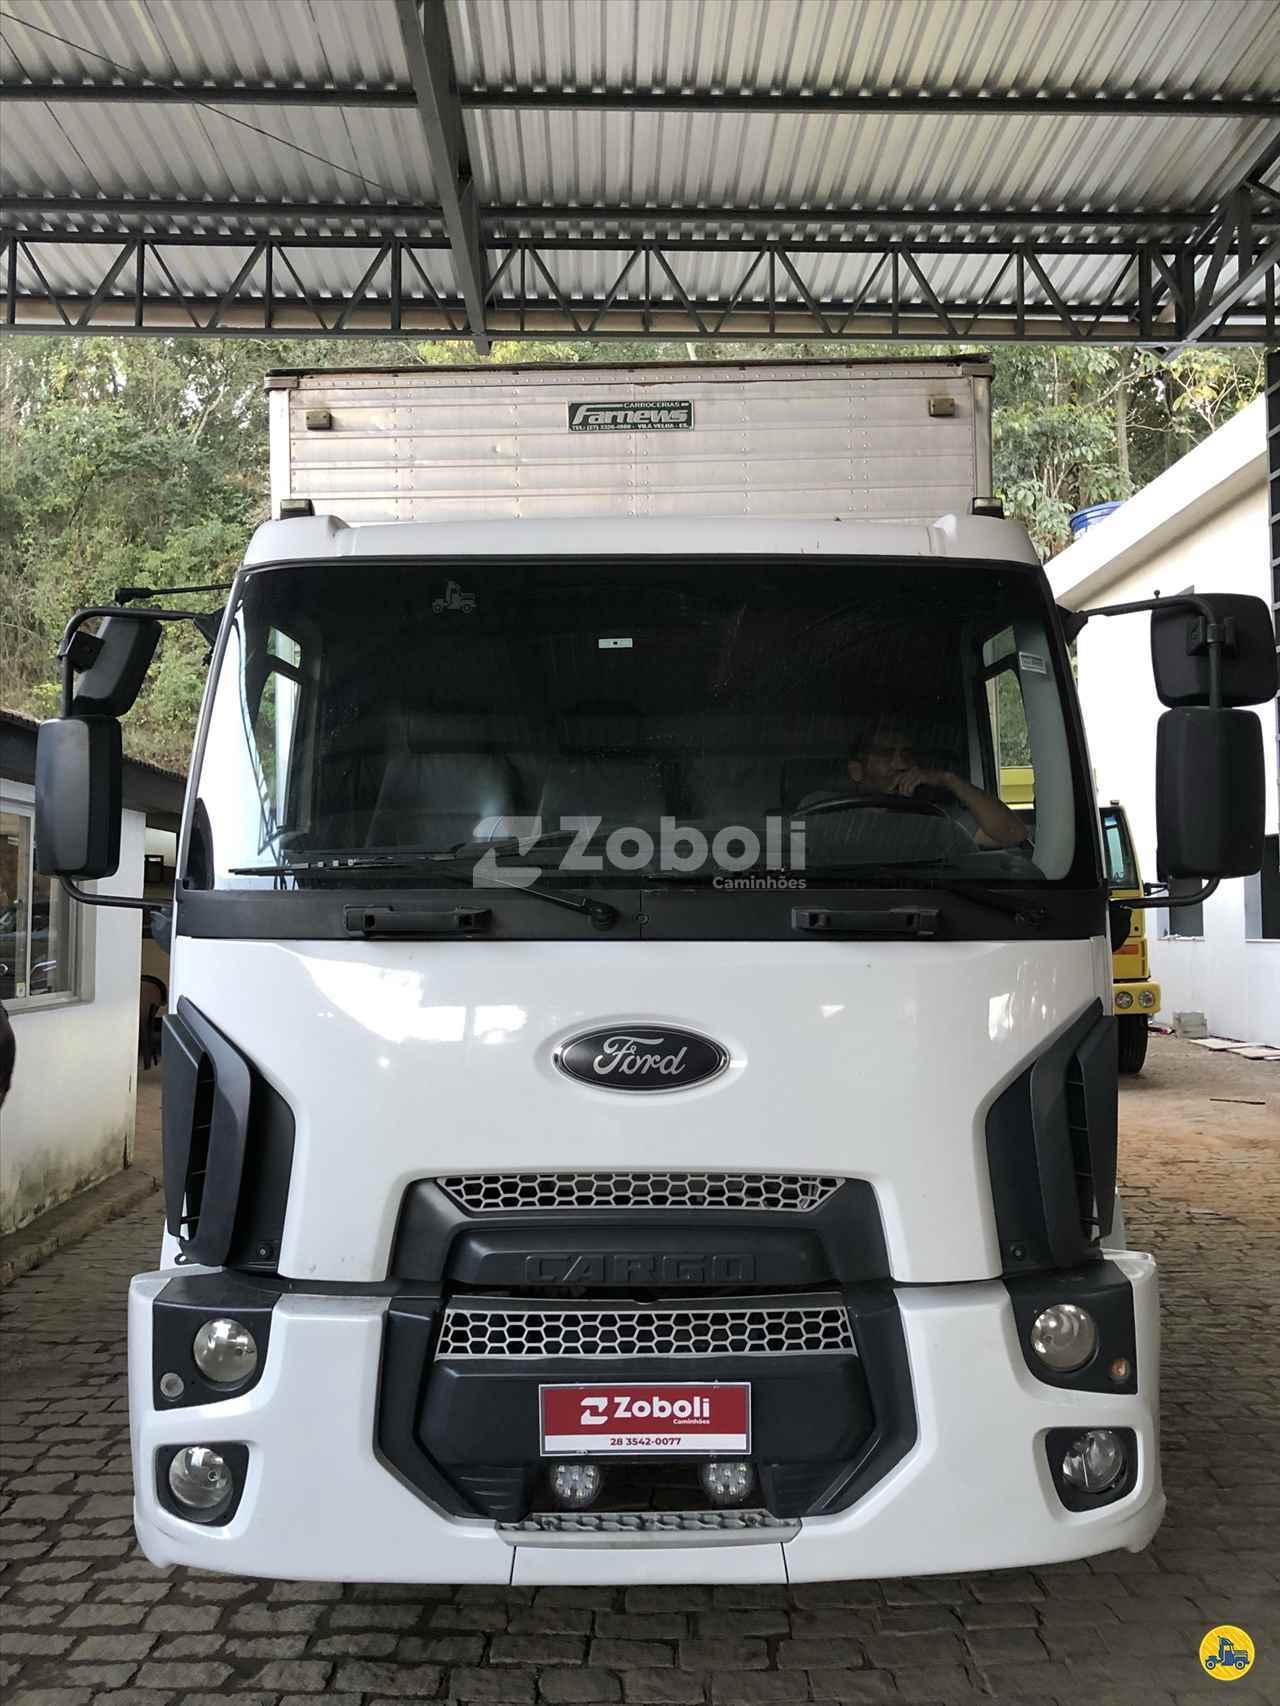 CARGO 1319 de Zoboli Caminhões - CASTELO/ES